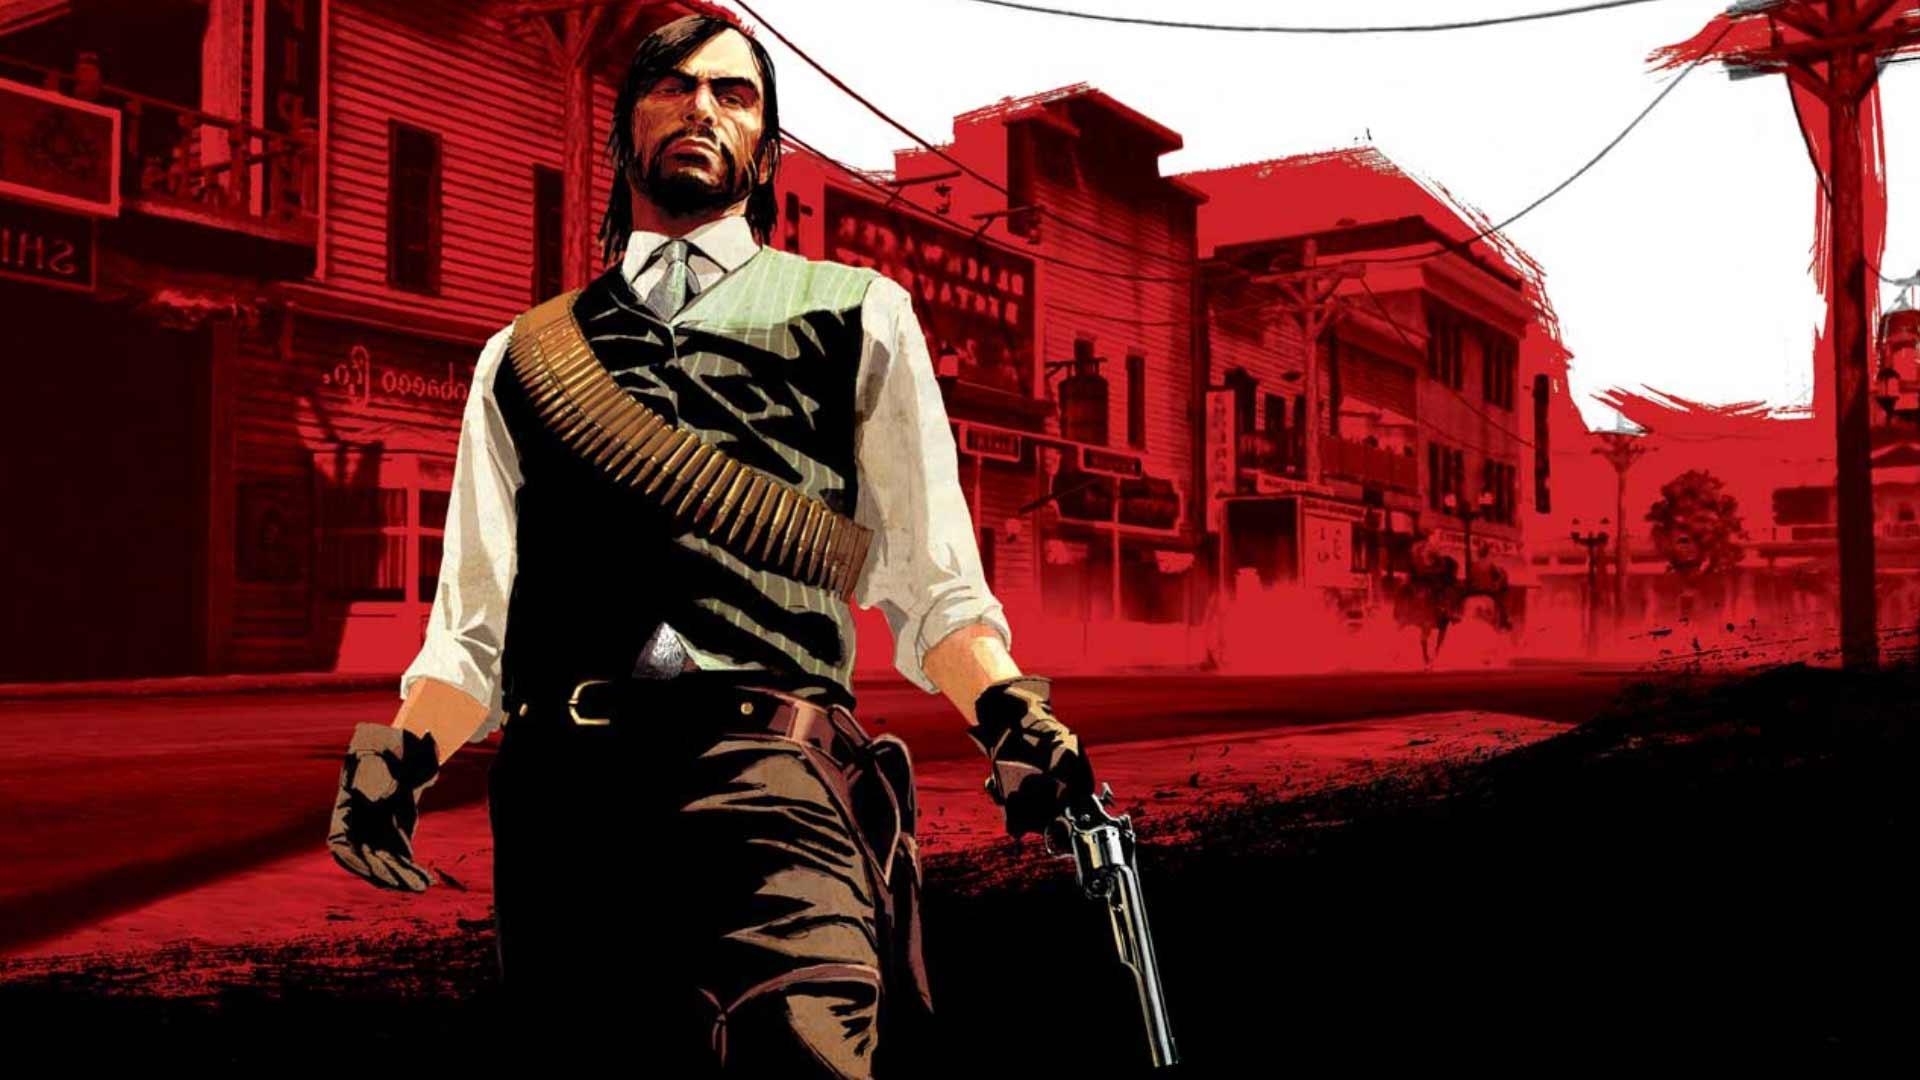 Придется ли поклонникам ждать еще восемь лет Red Dead Redemption 3?